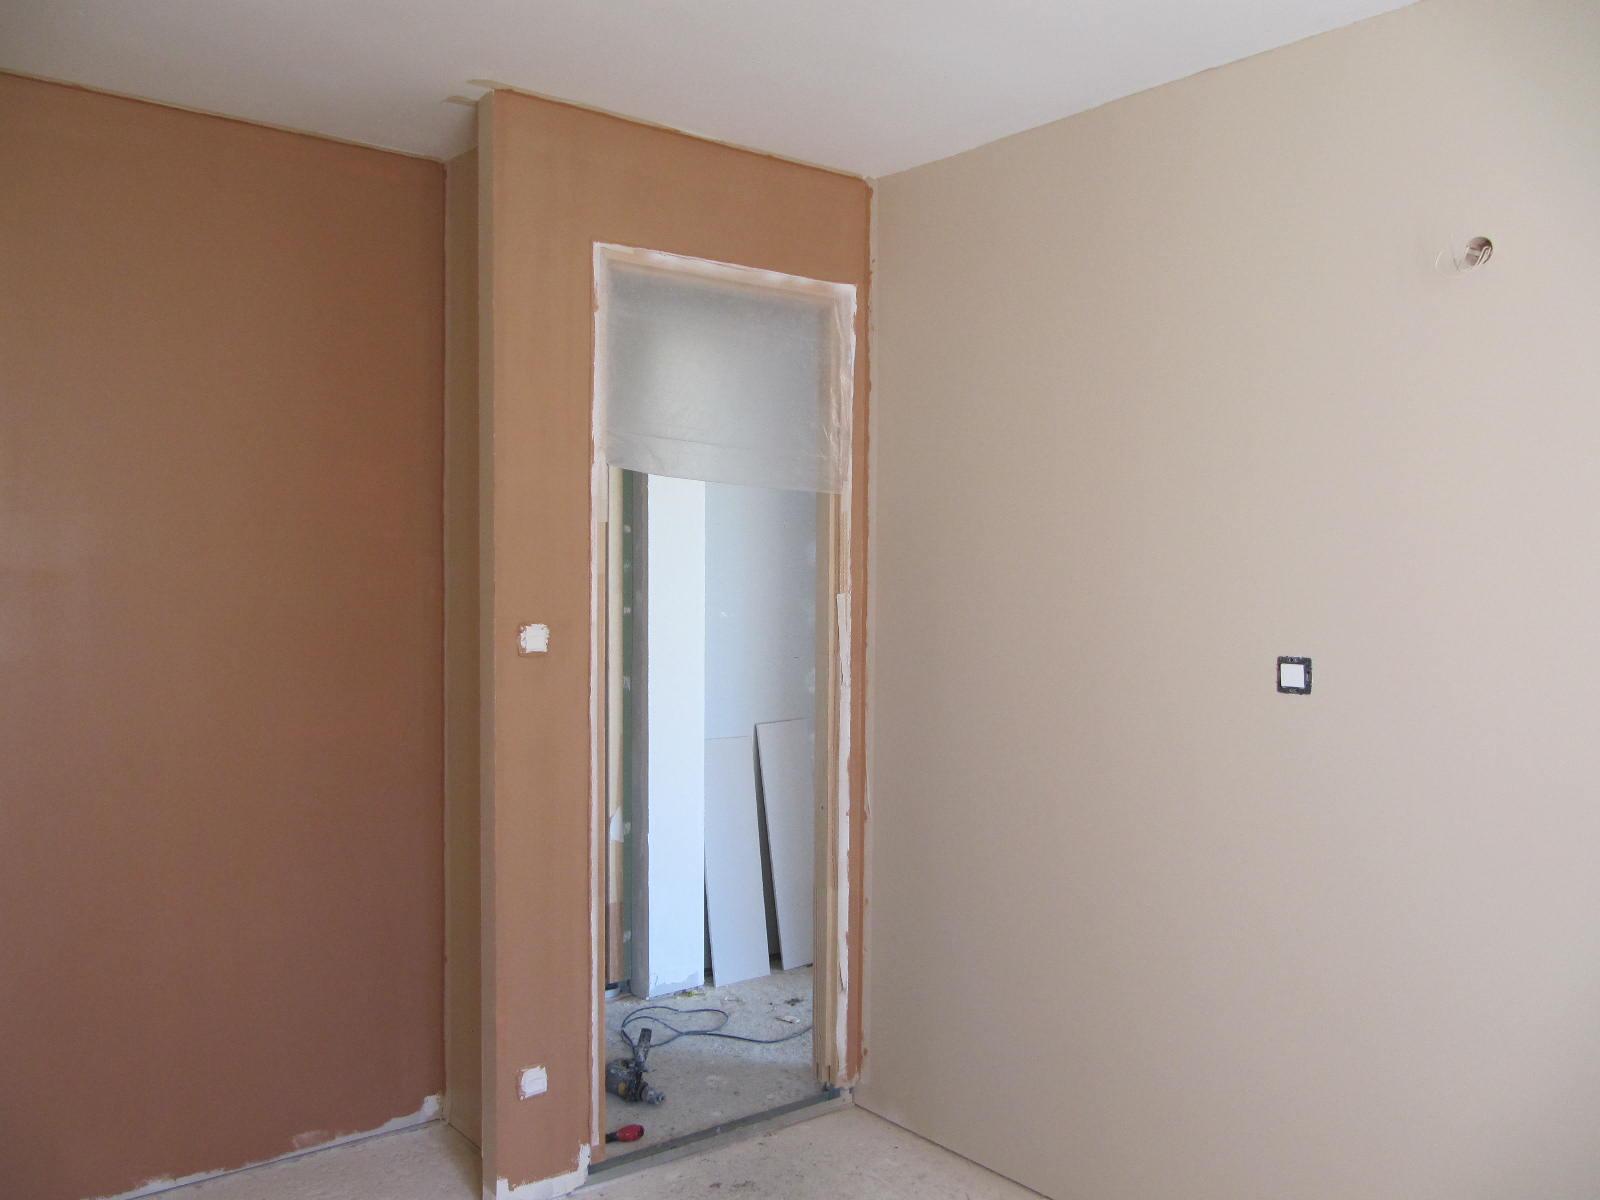 Couleur brun taupe n 6 id e inspirante pour la conception de la maison for Peinture brun taupe